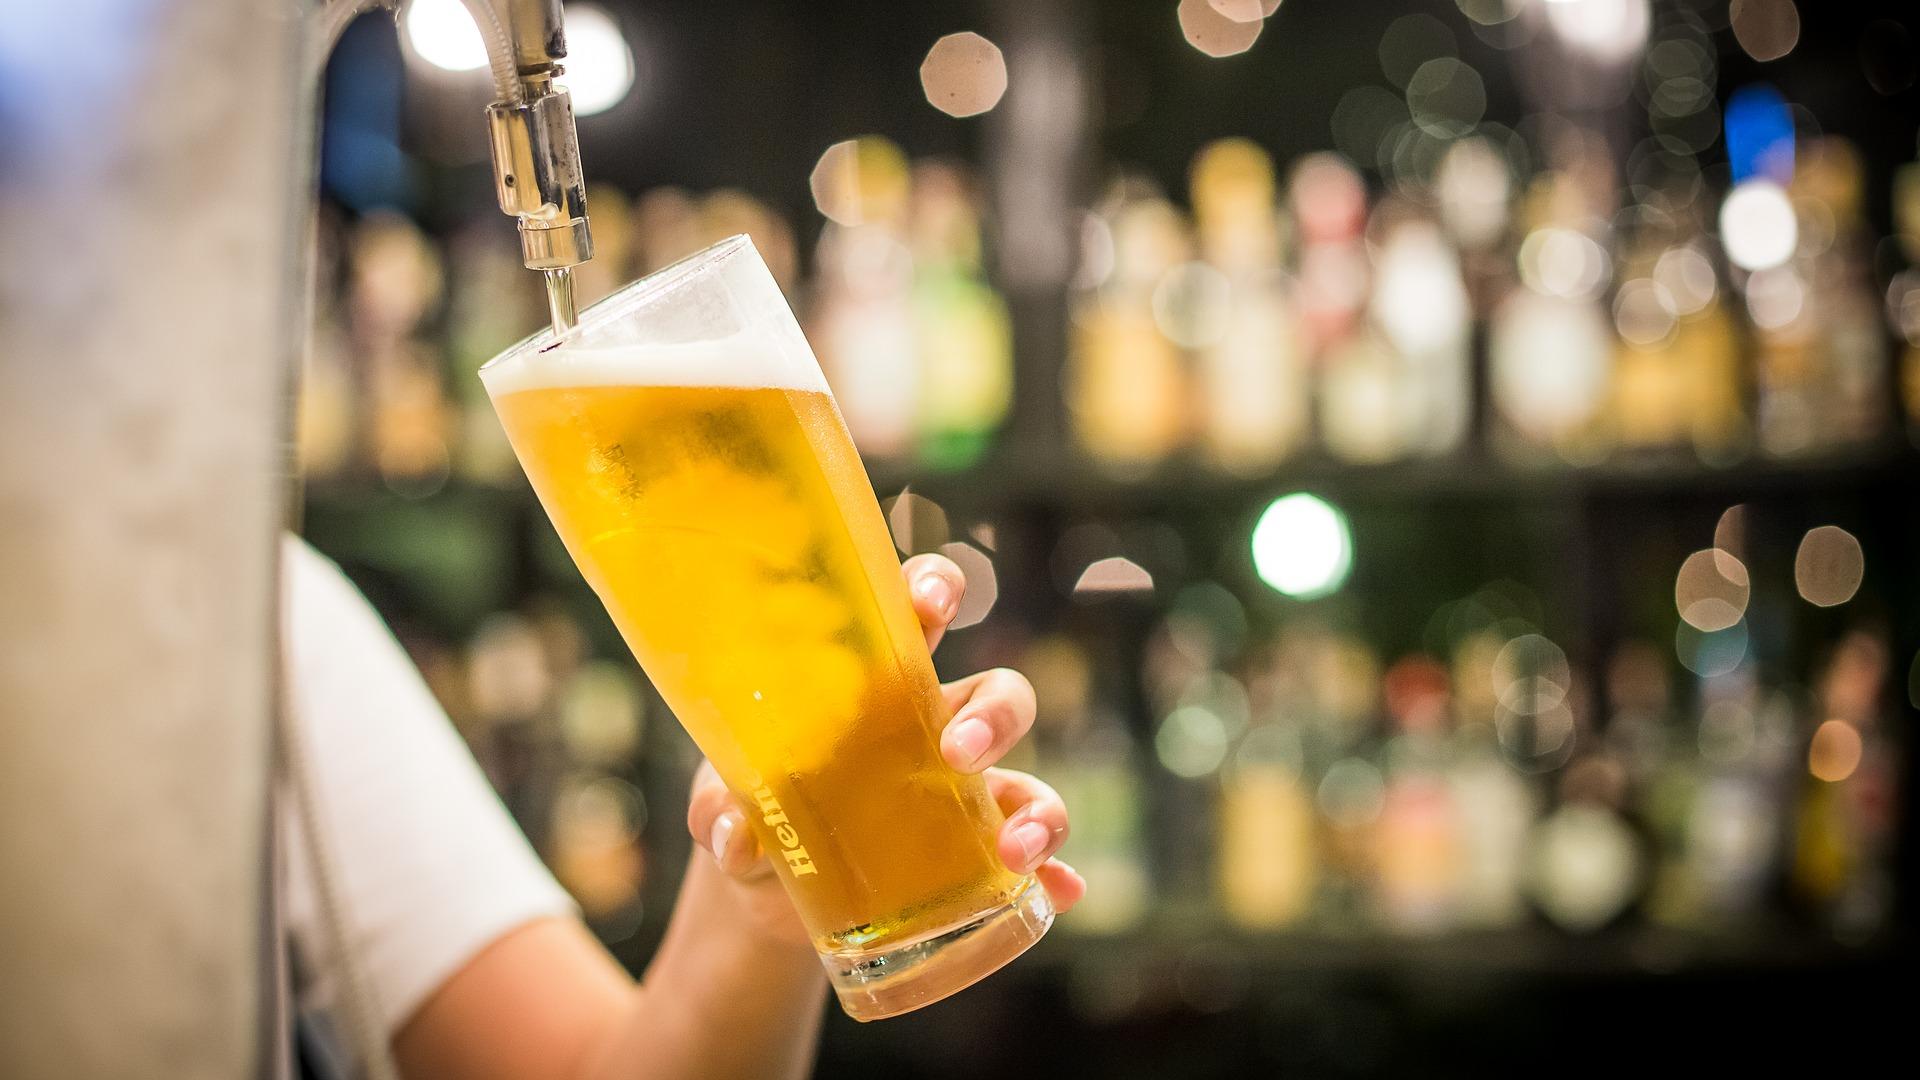 2020 ook een rampjaar voor bierbrouwers